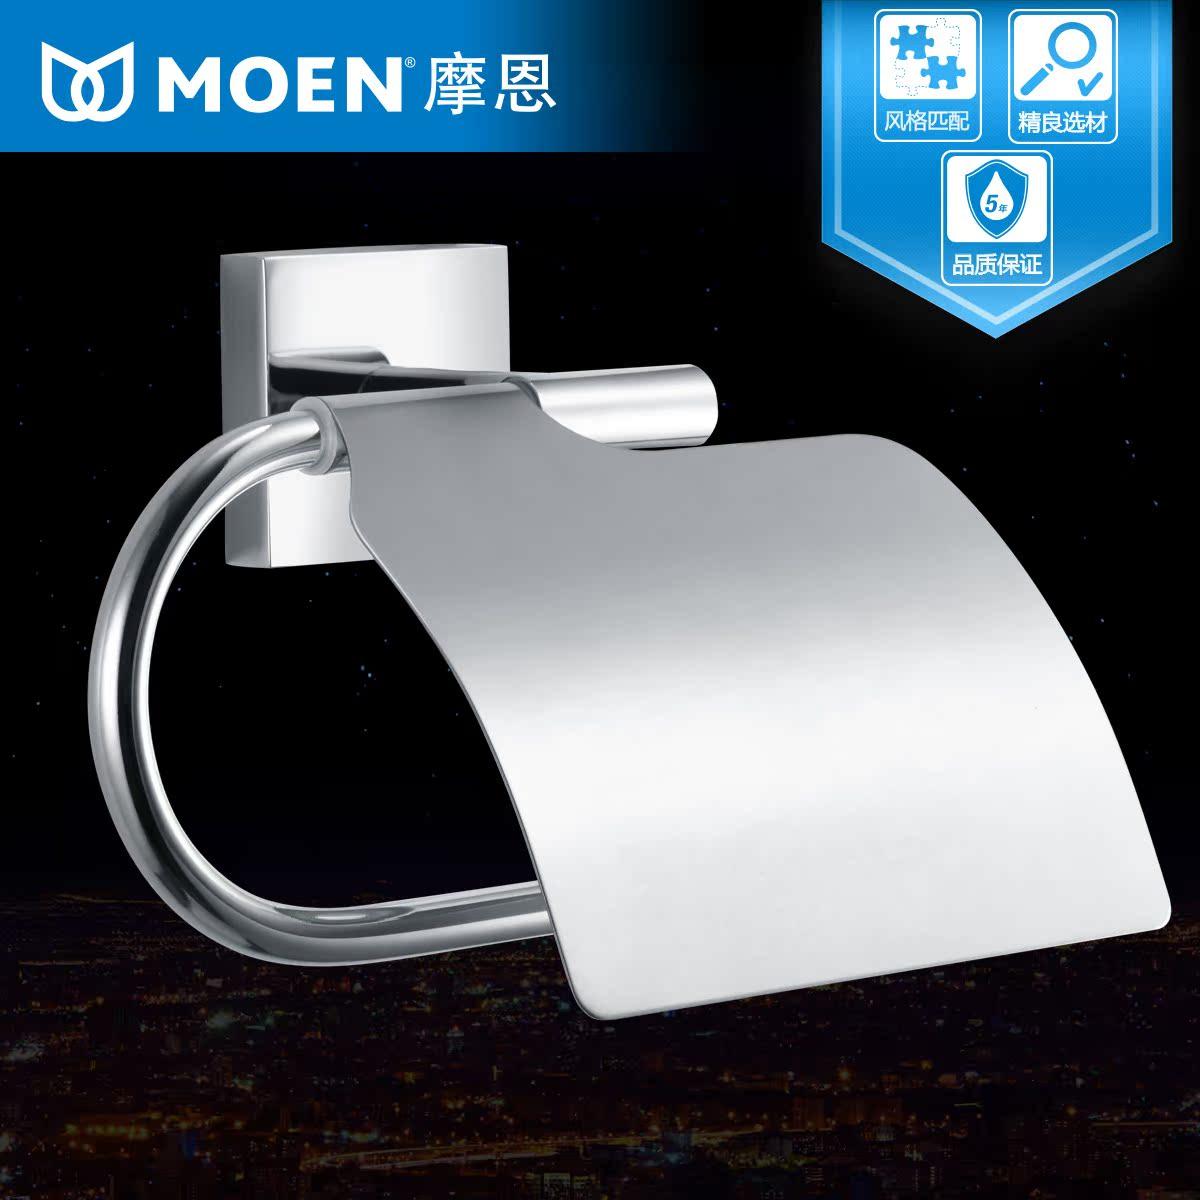 摩恩 帶蓋廁紙架卷紙器銅鋅合金衛浴 衛生間掛件ACC0804